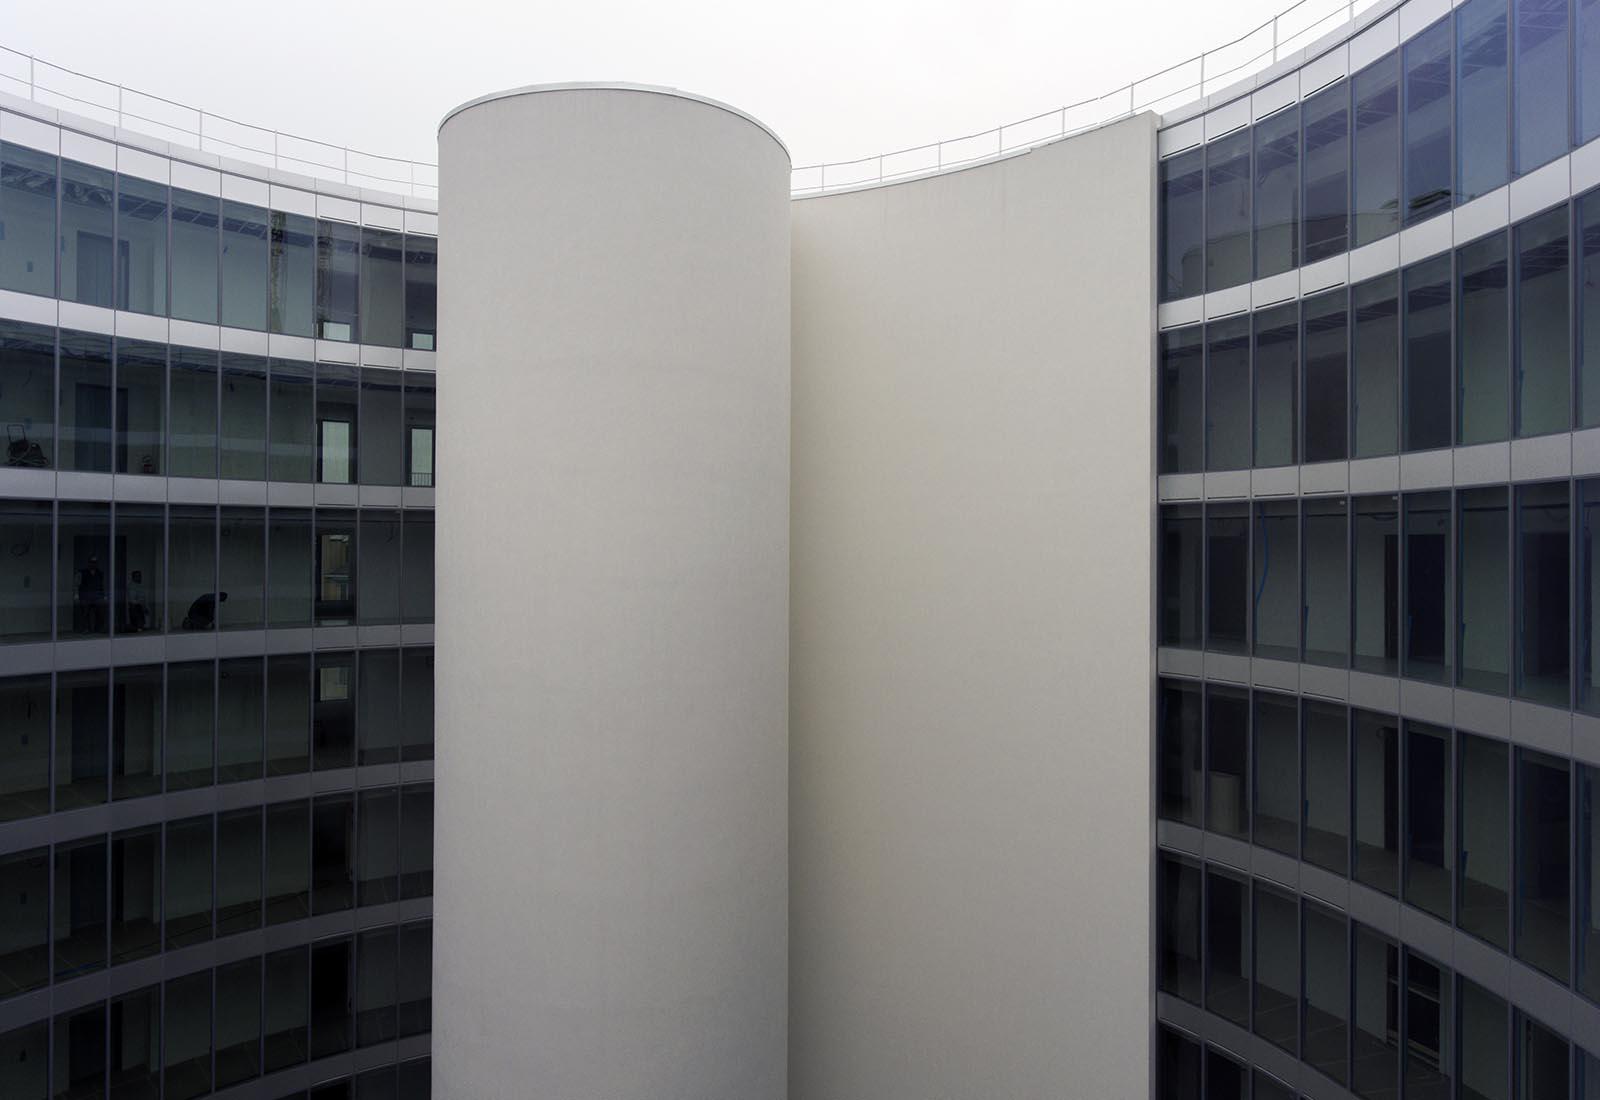 Residenze universitarie Bocconi in via Castiglioni a Milano - Vista della corte interna